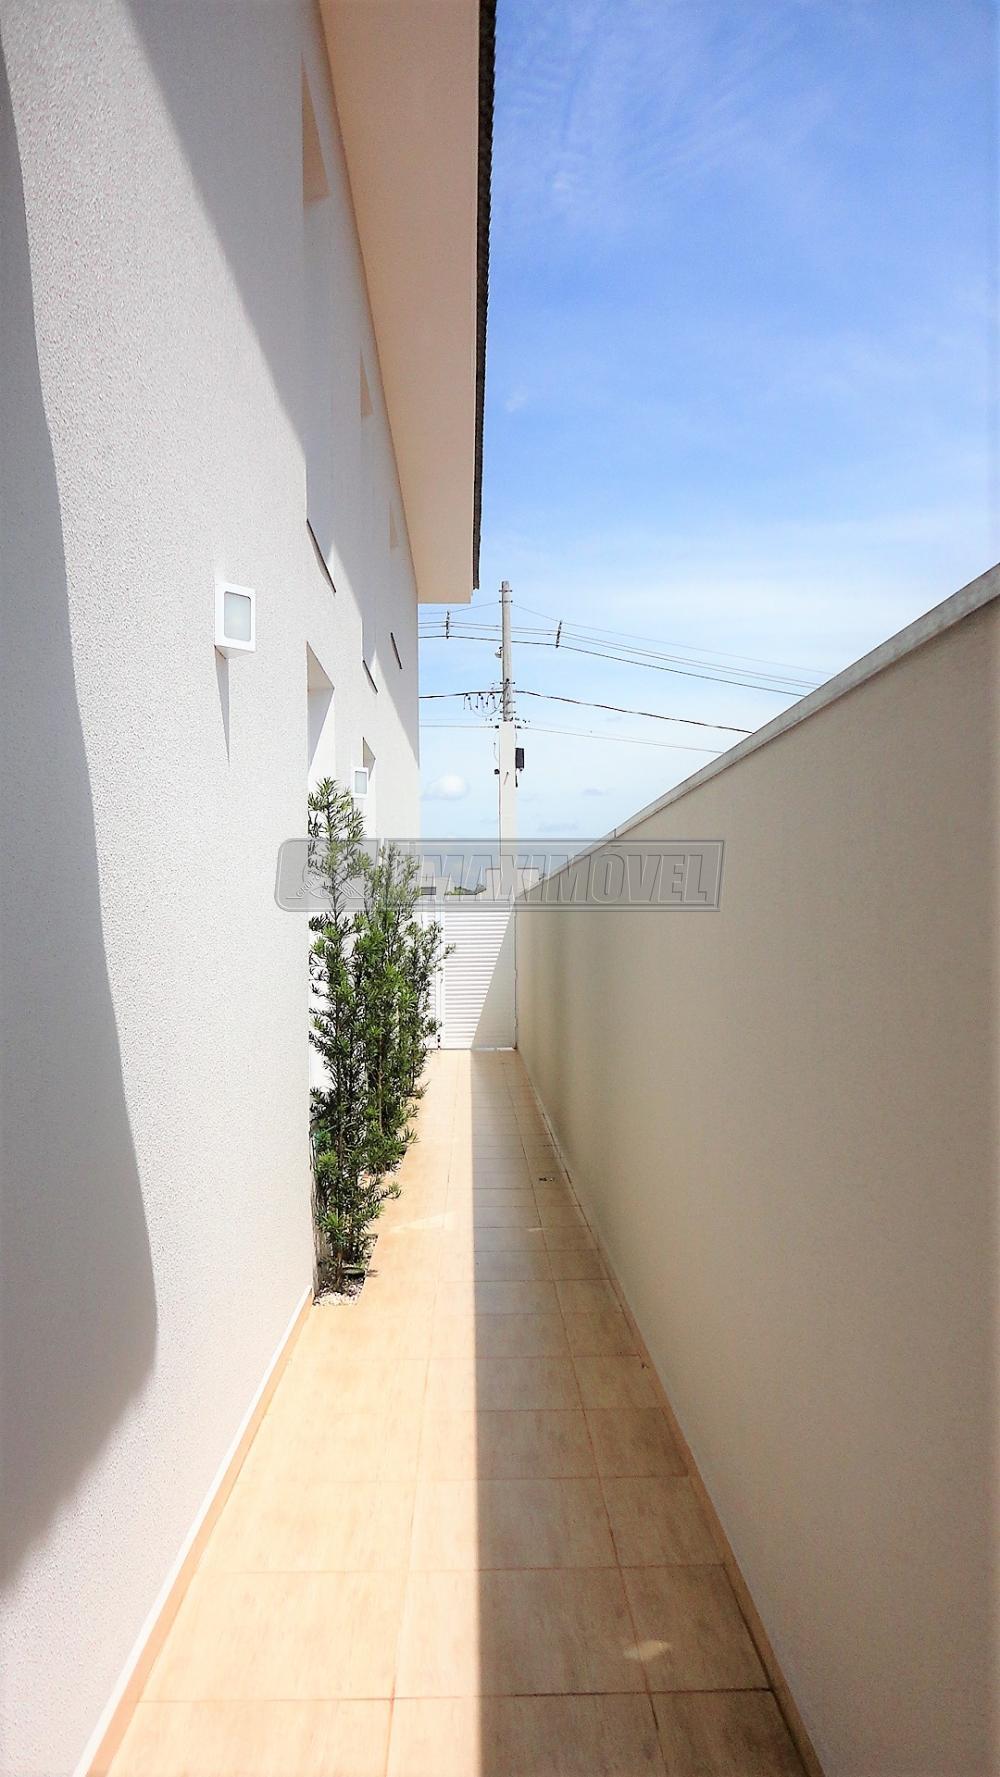 Comprar Casas / em Condomínios em Sorocaba apenas R$ 1.700.000,00 - Foto 37